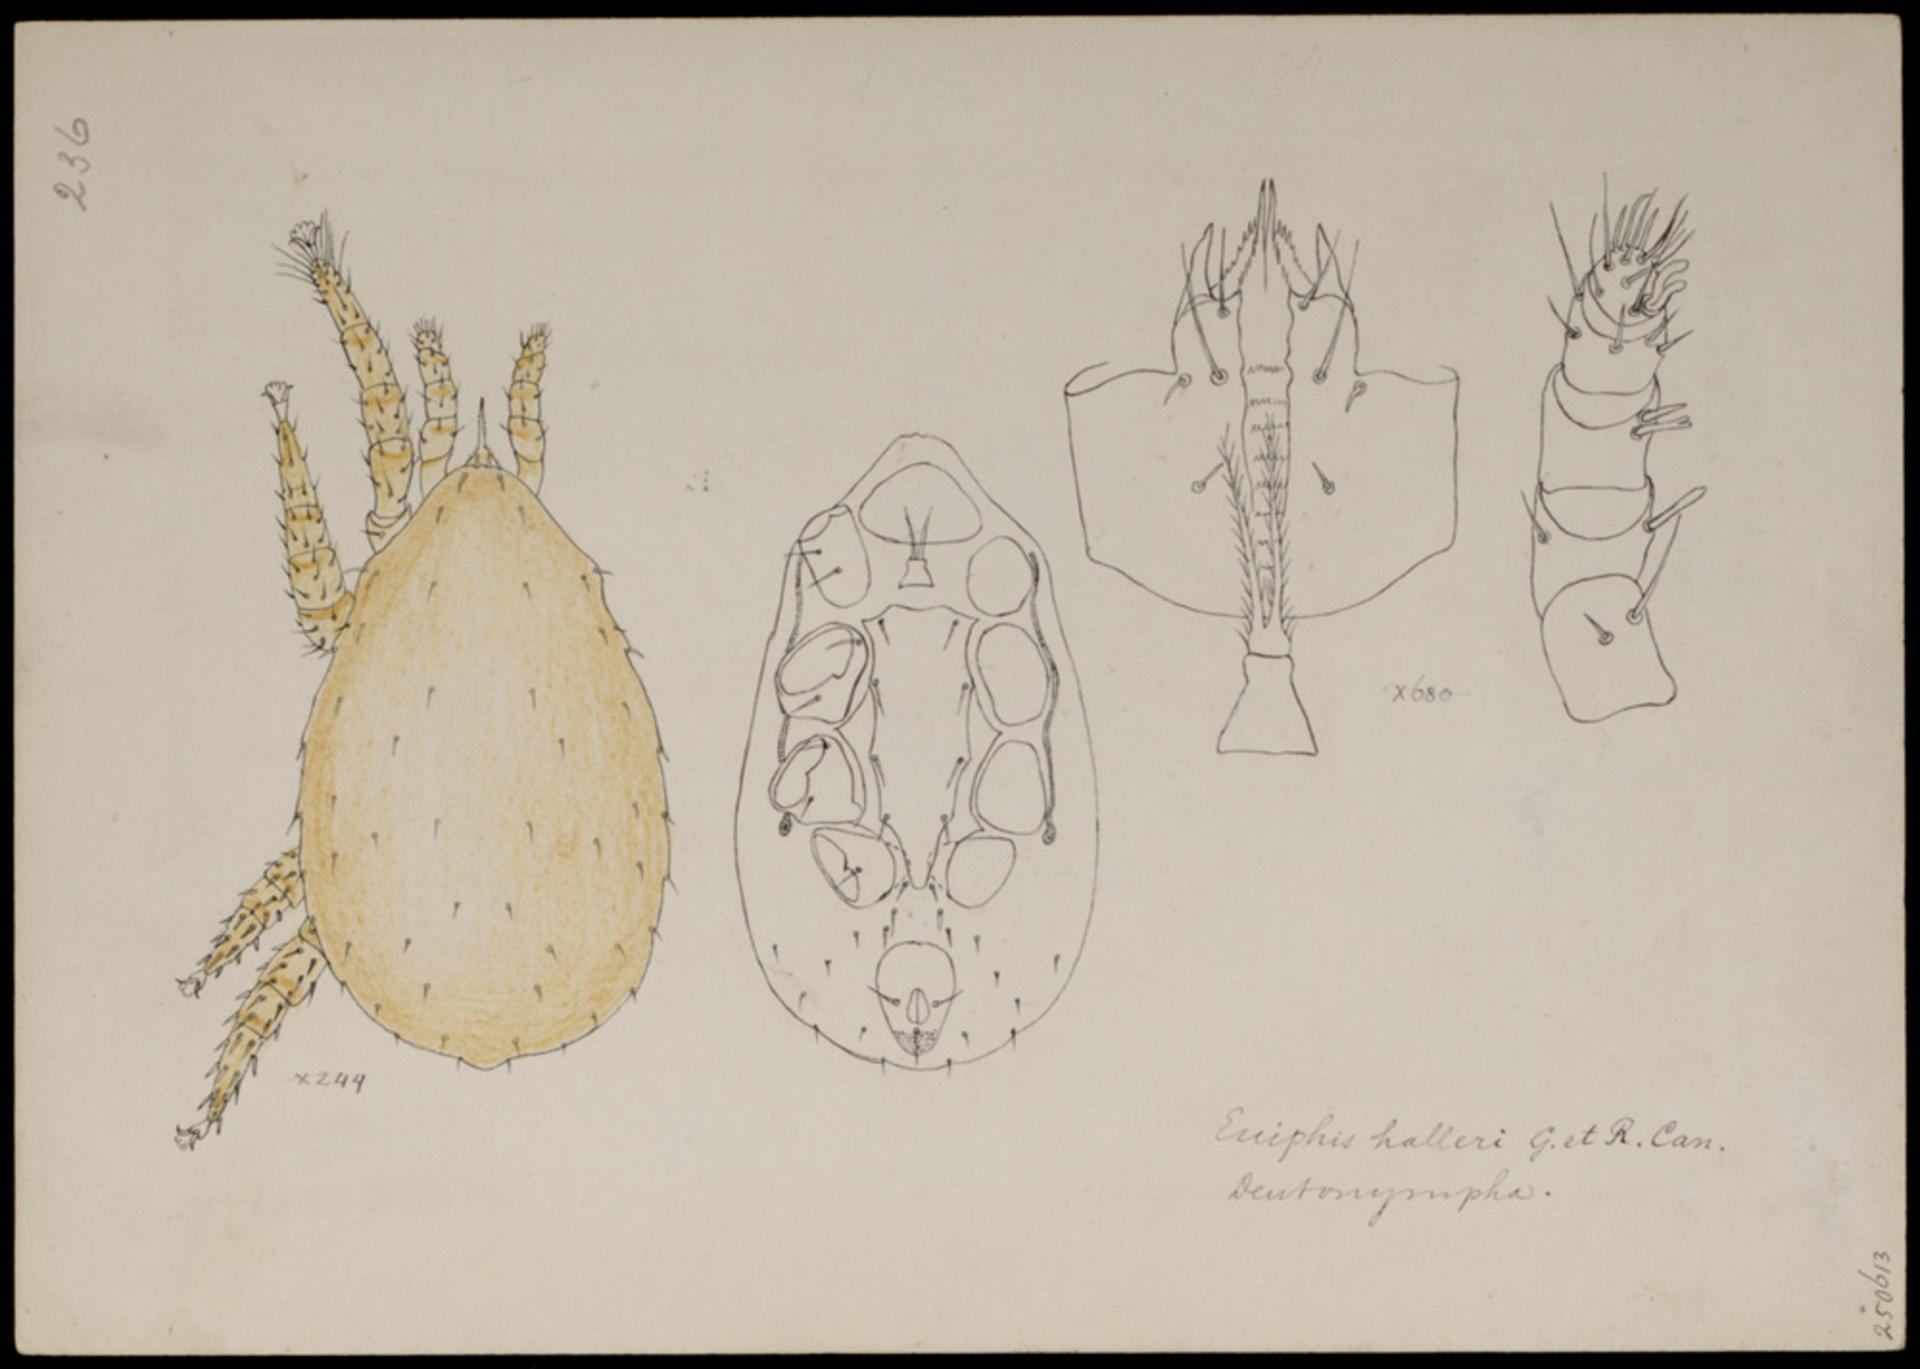 RMNH.ART.1074 | Euiphis halleri (Canestrini & Canestrini)